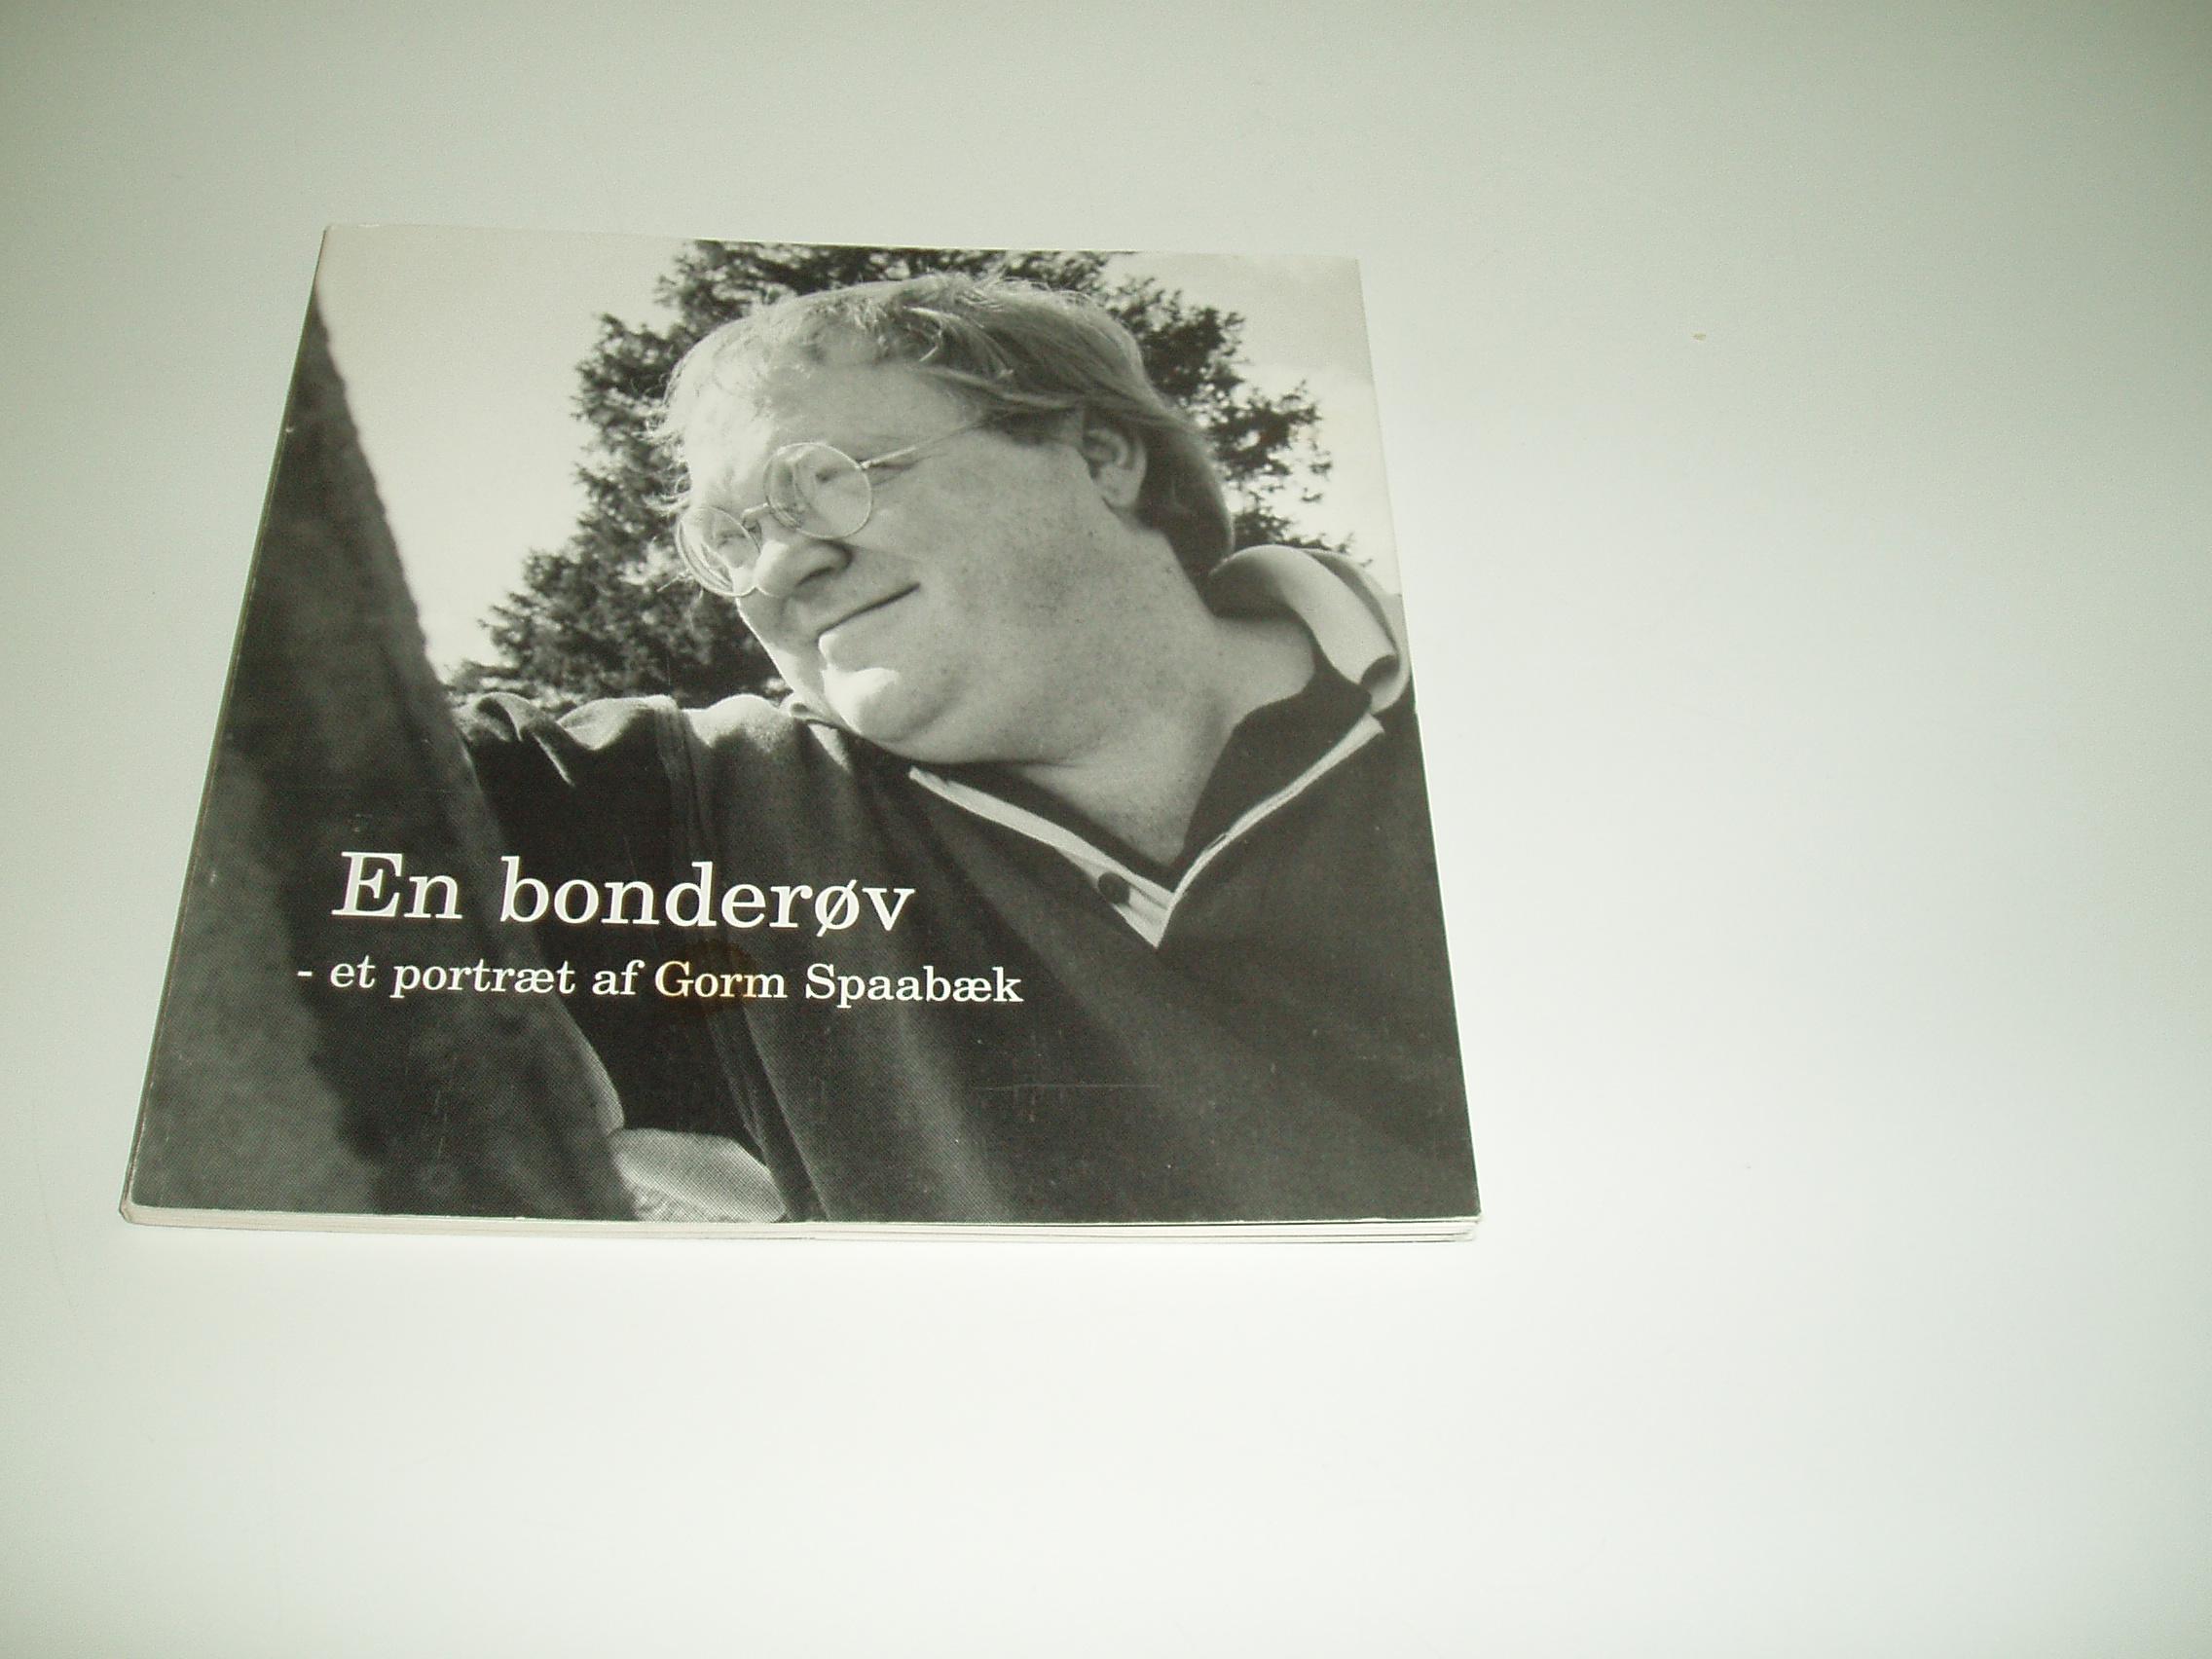 En bonderøv - et portræt af Gorm Spaabæk